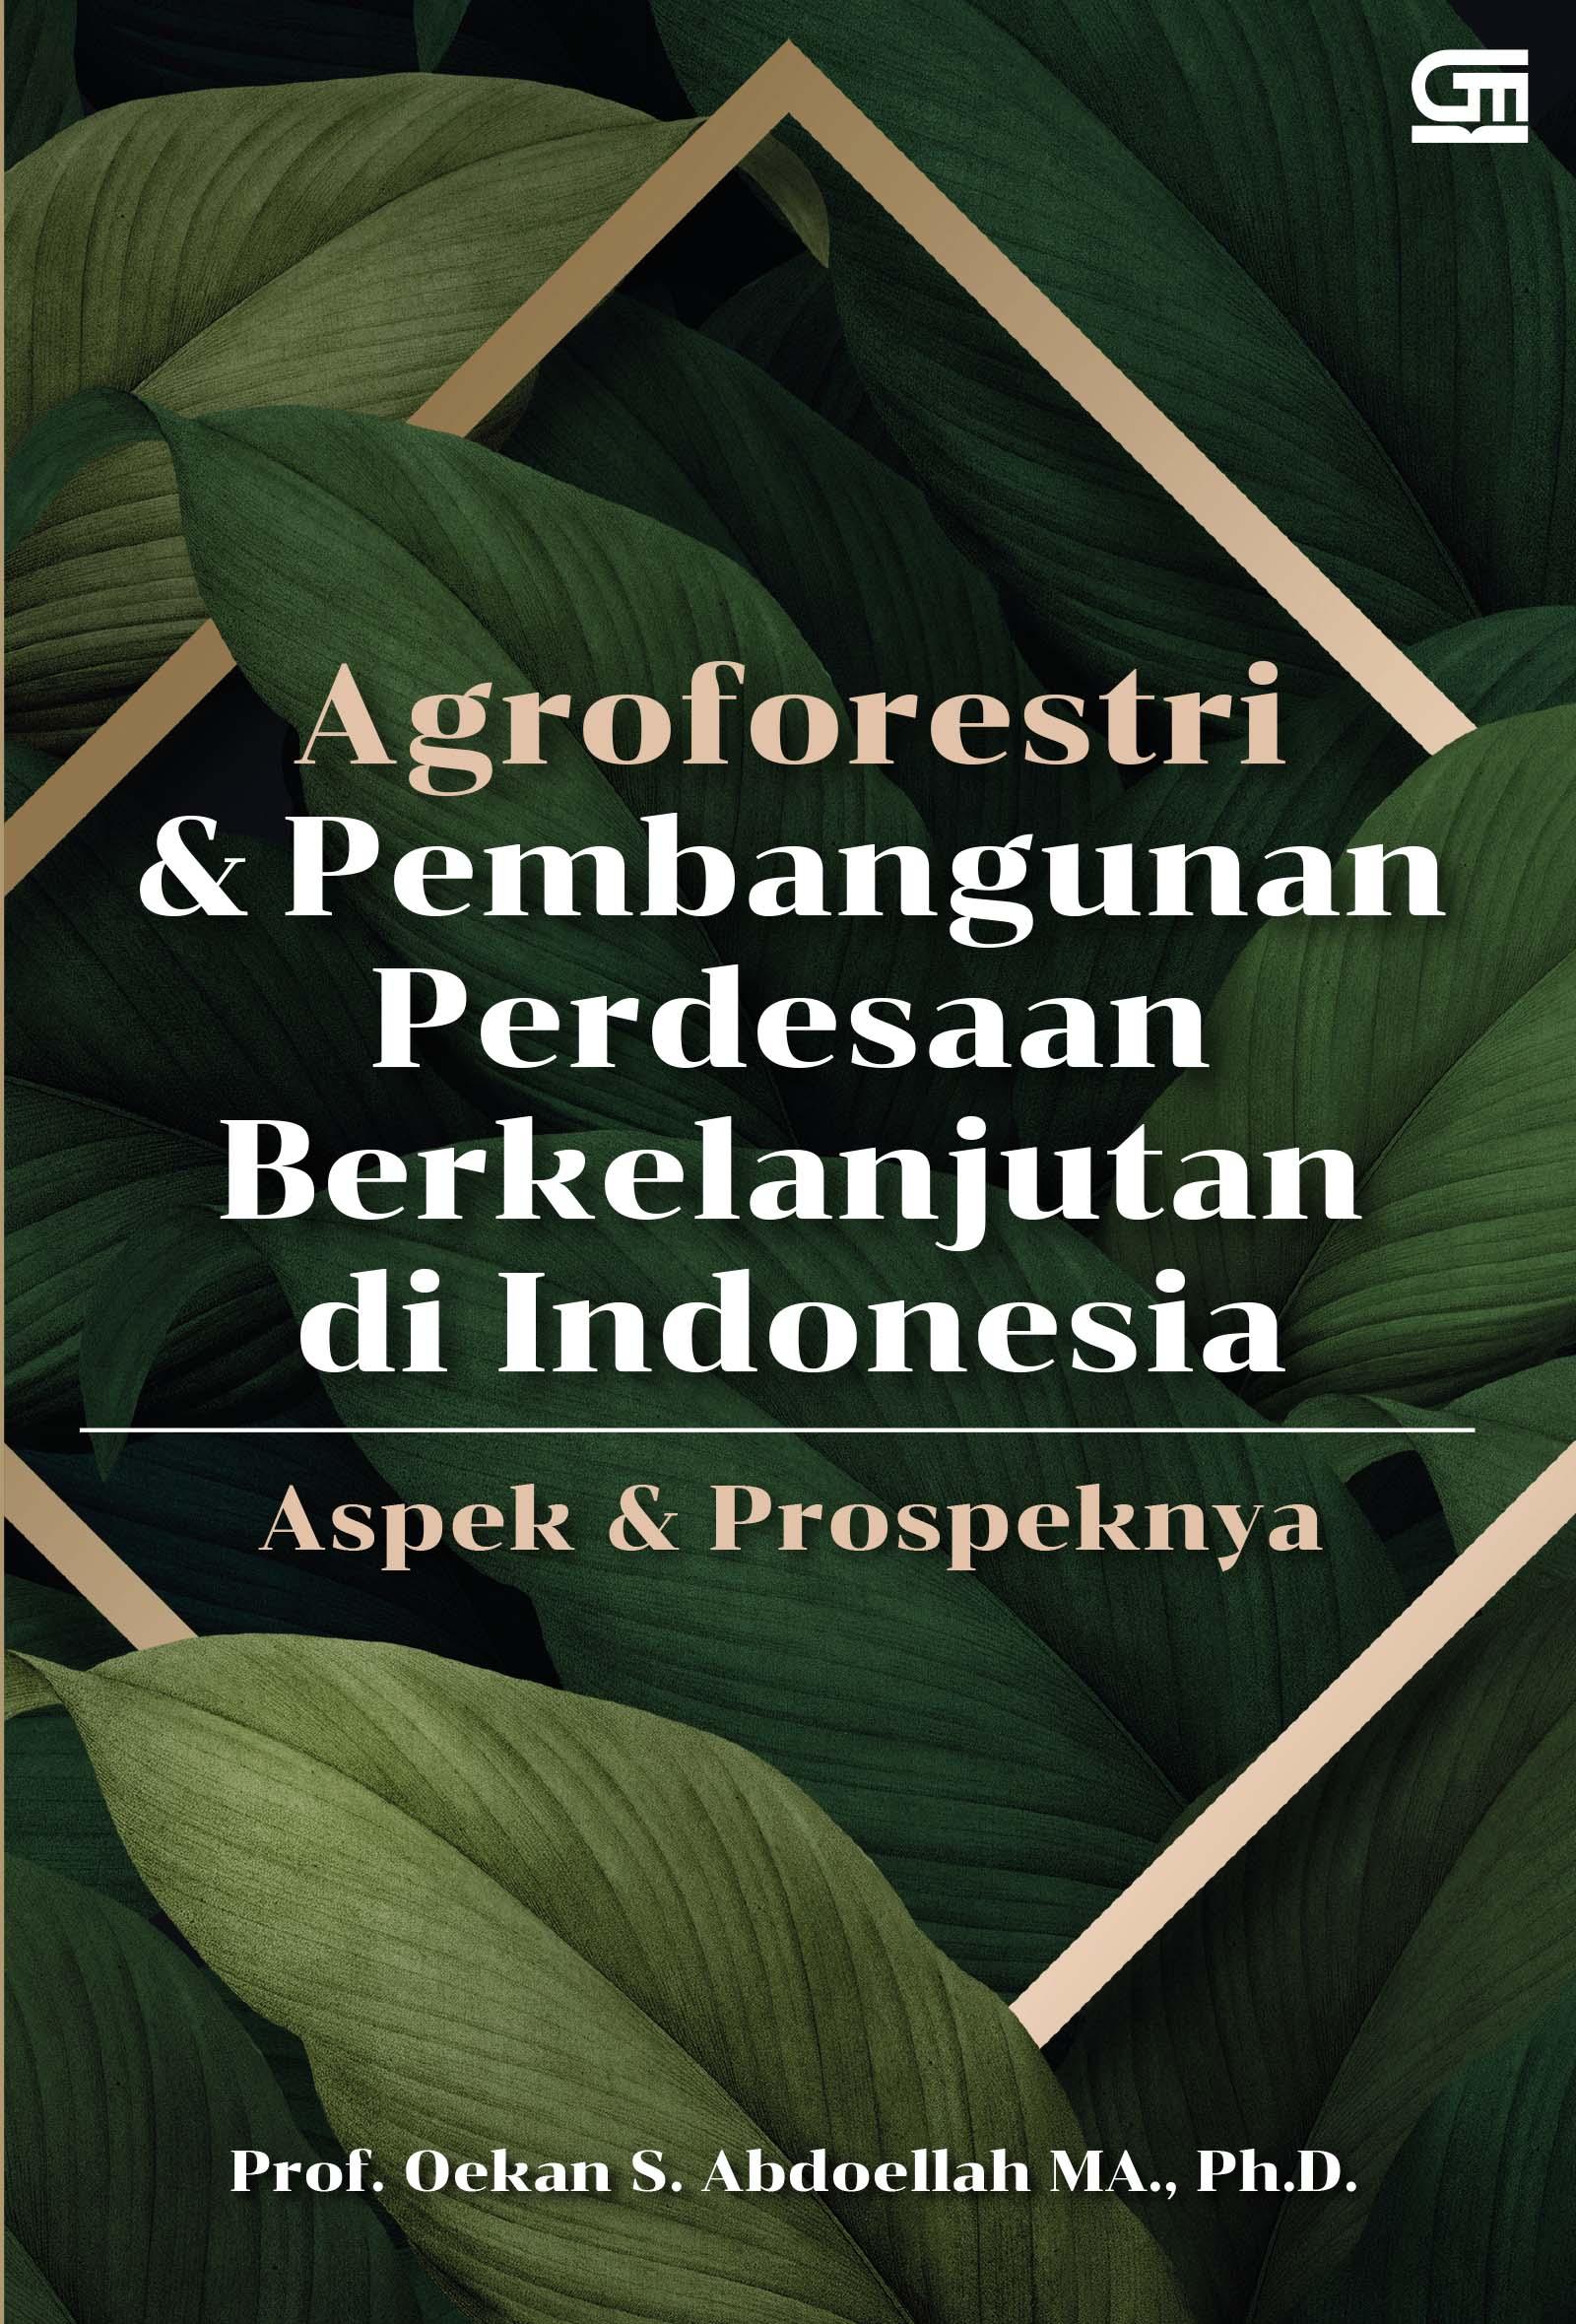 Agroforestri dan Pembangunan Perdesaan Berkelanjutan di Indonesia